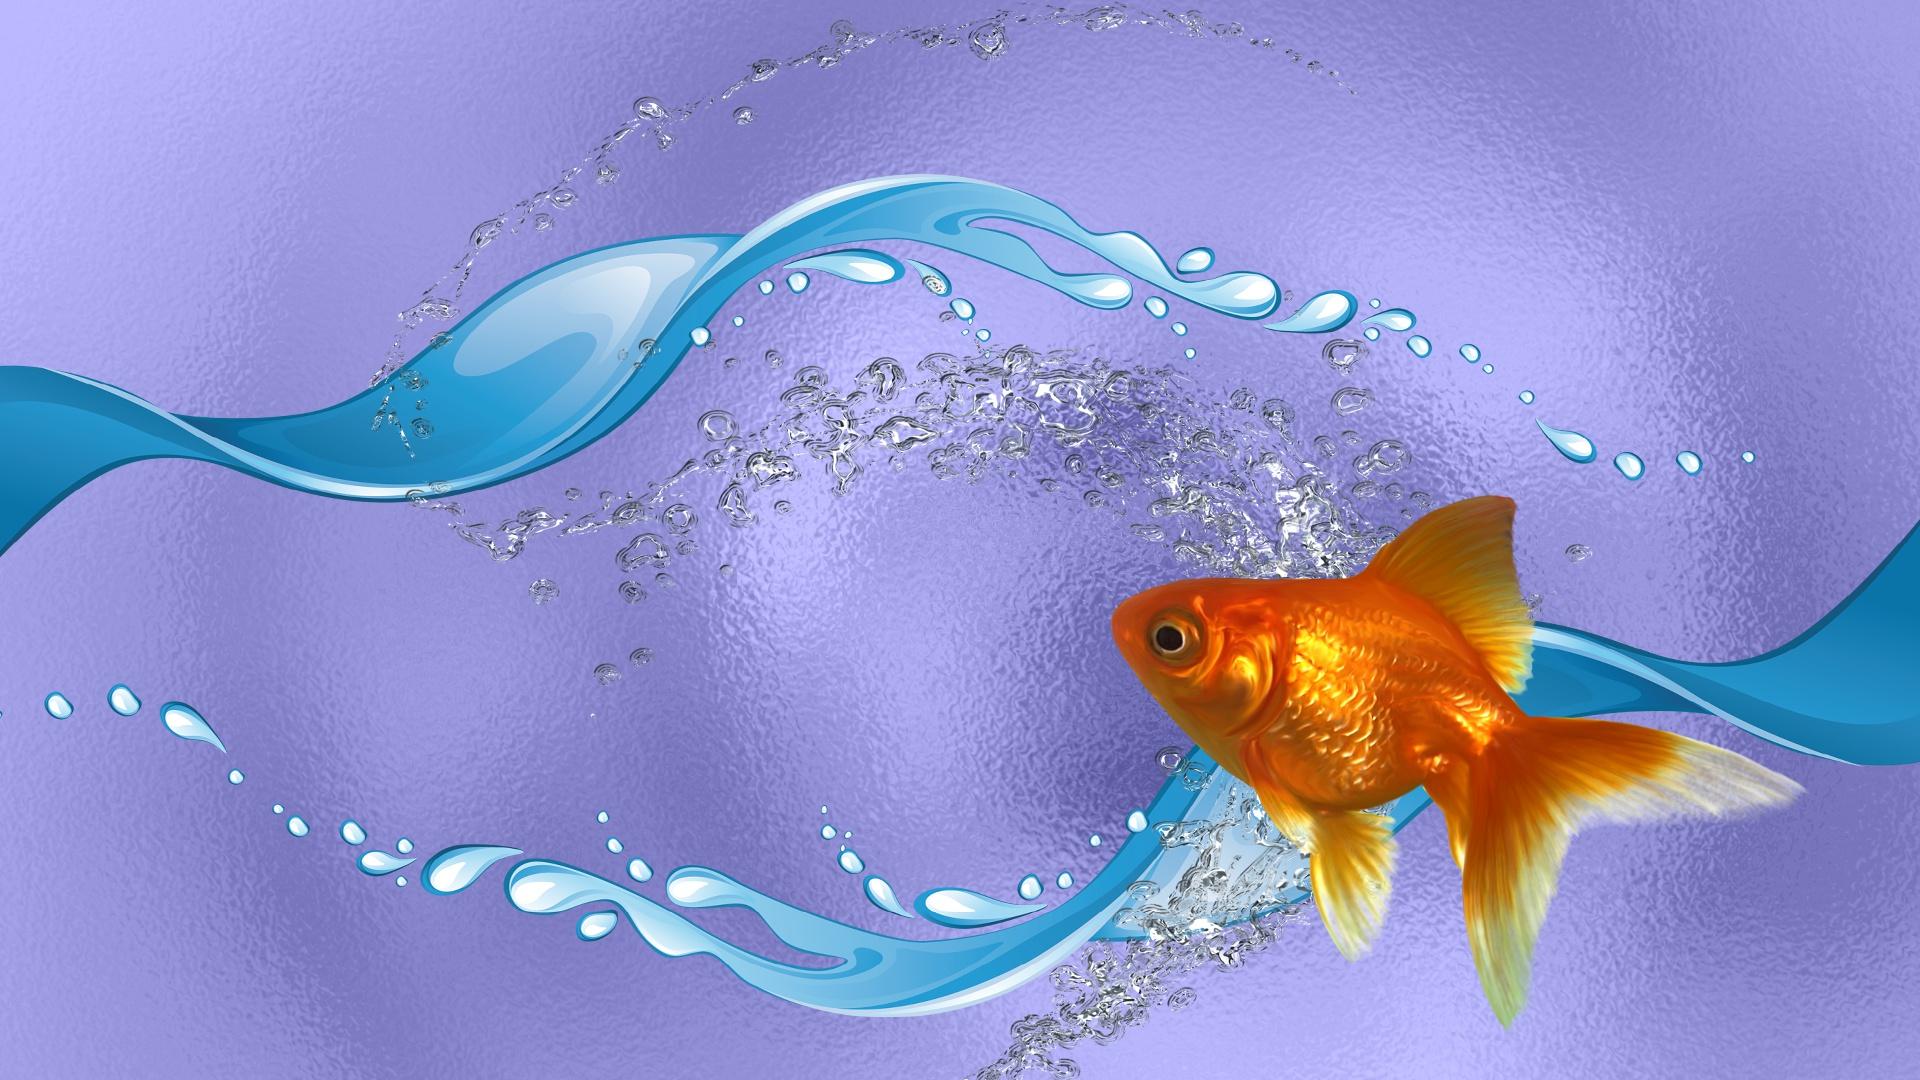 рыбы картинки на обложку выложила